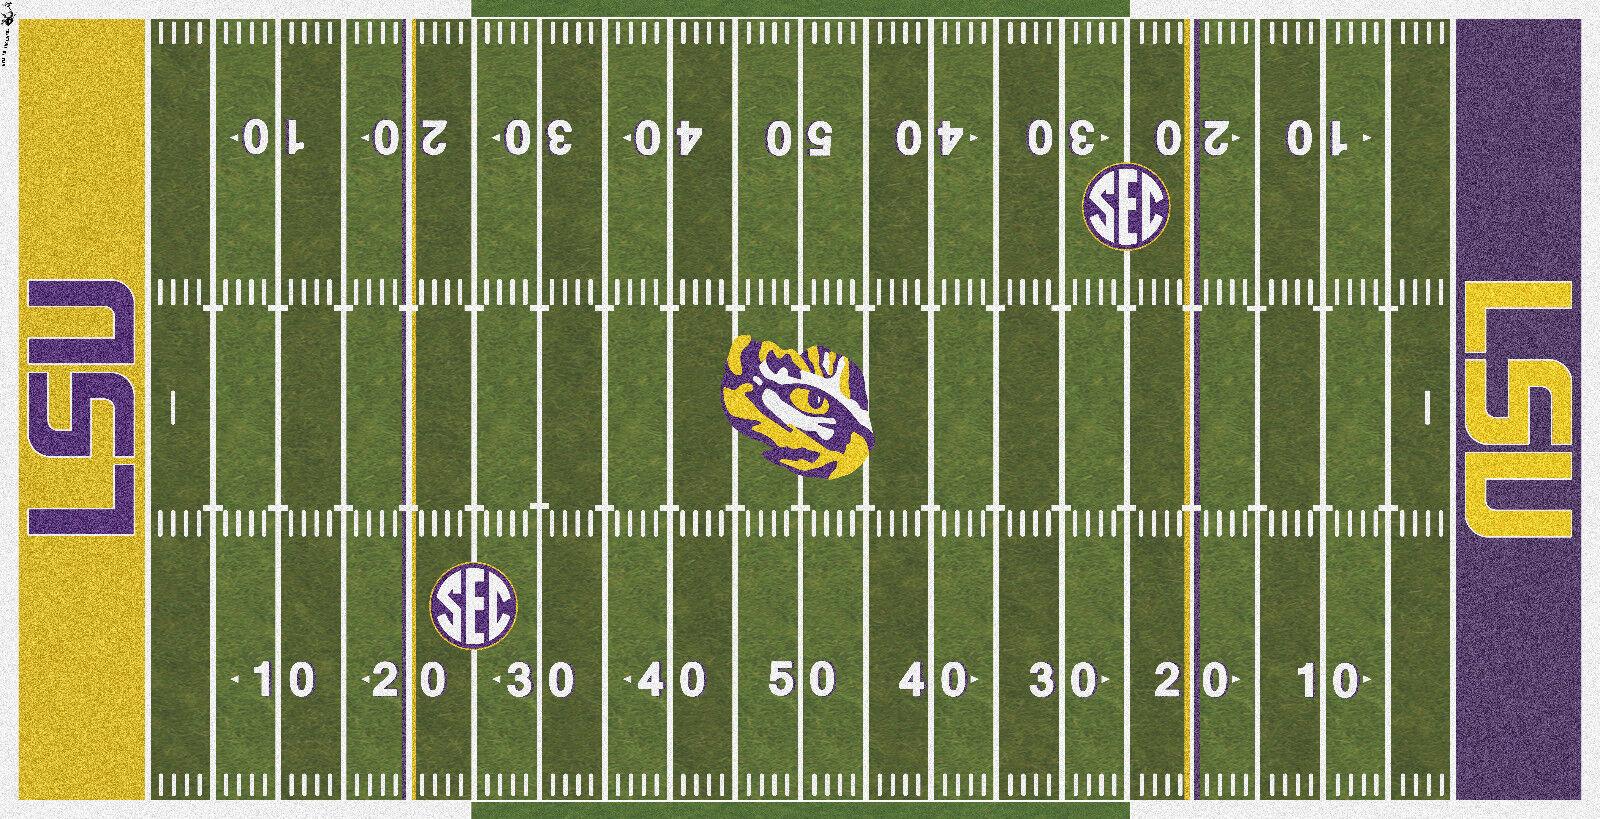 Louisiana State LSU Tigers Fútbol eléctrica Cubierta De Campo De Vinilo